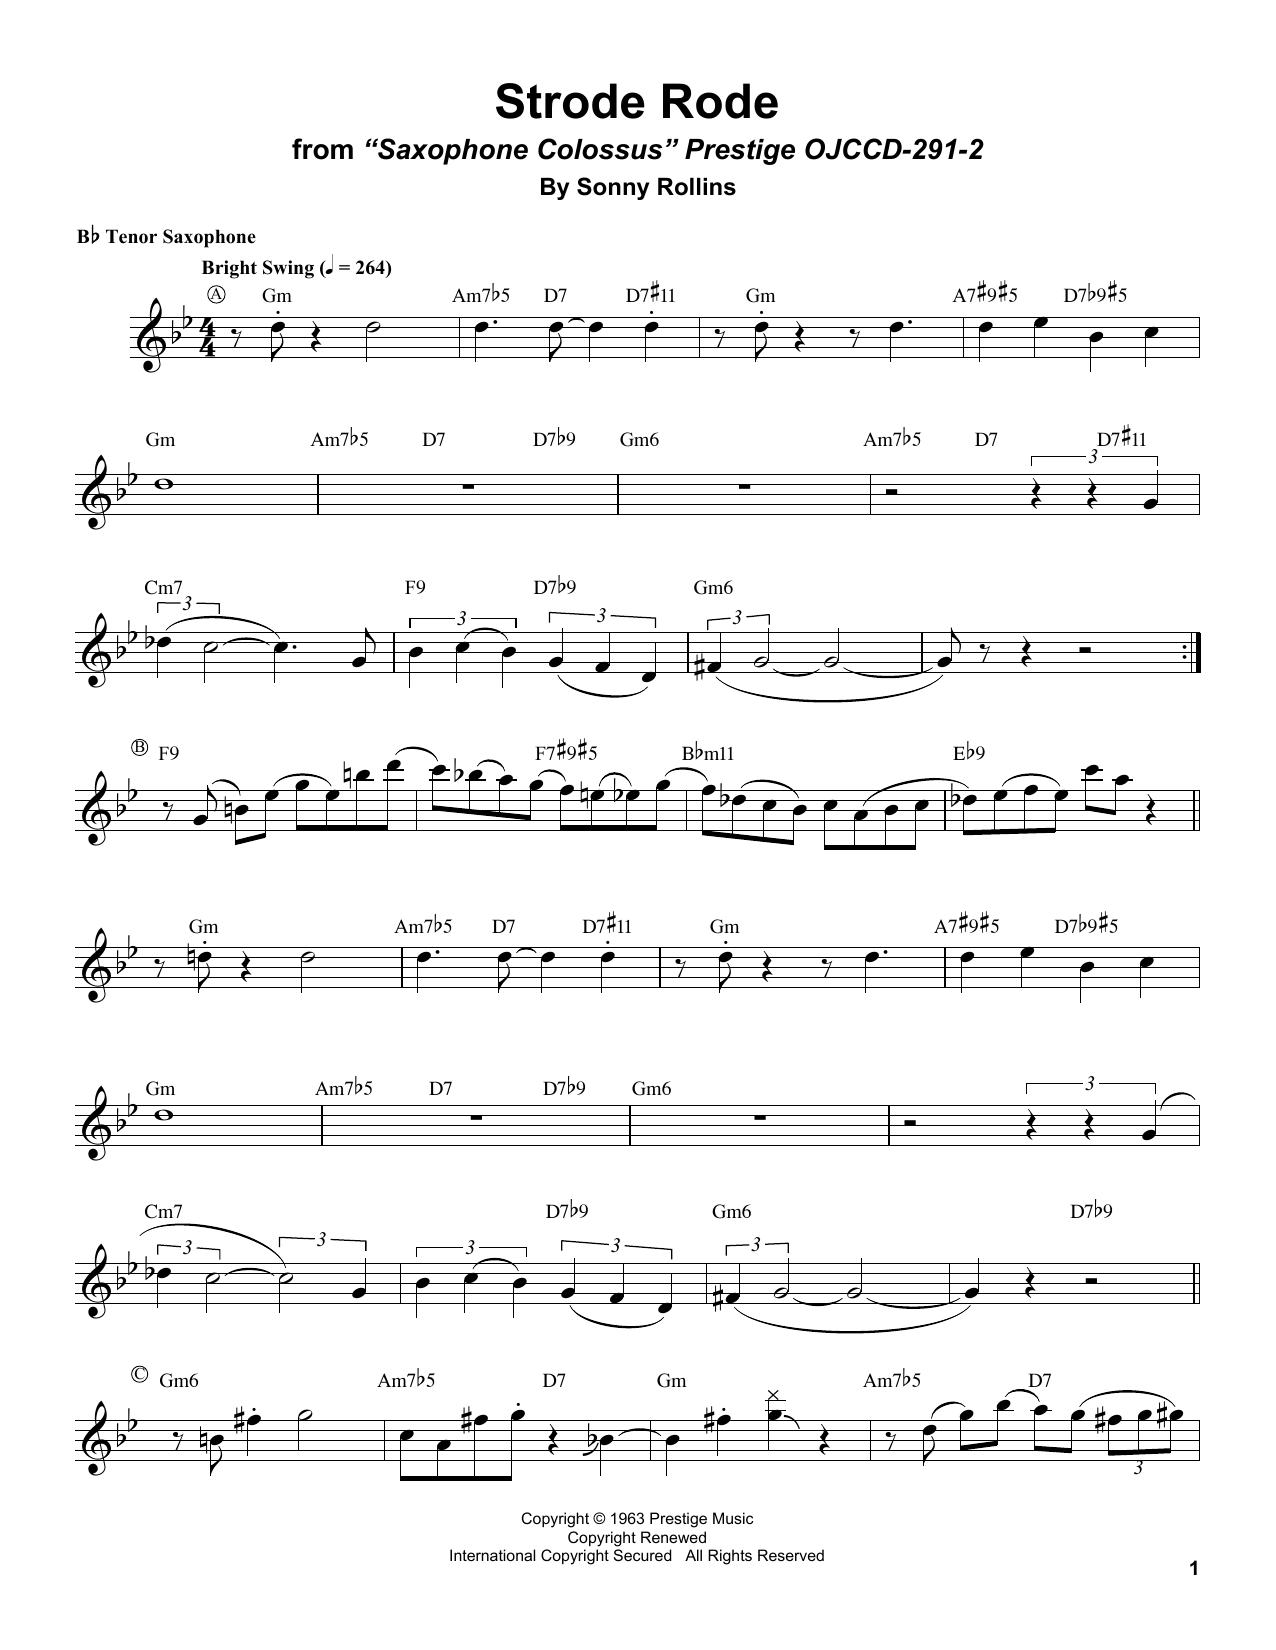 Strode Rode Sheet Music